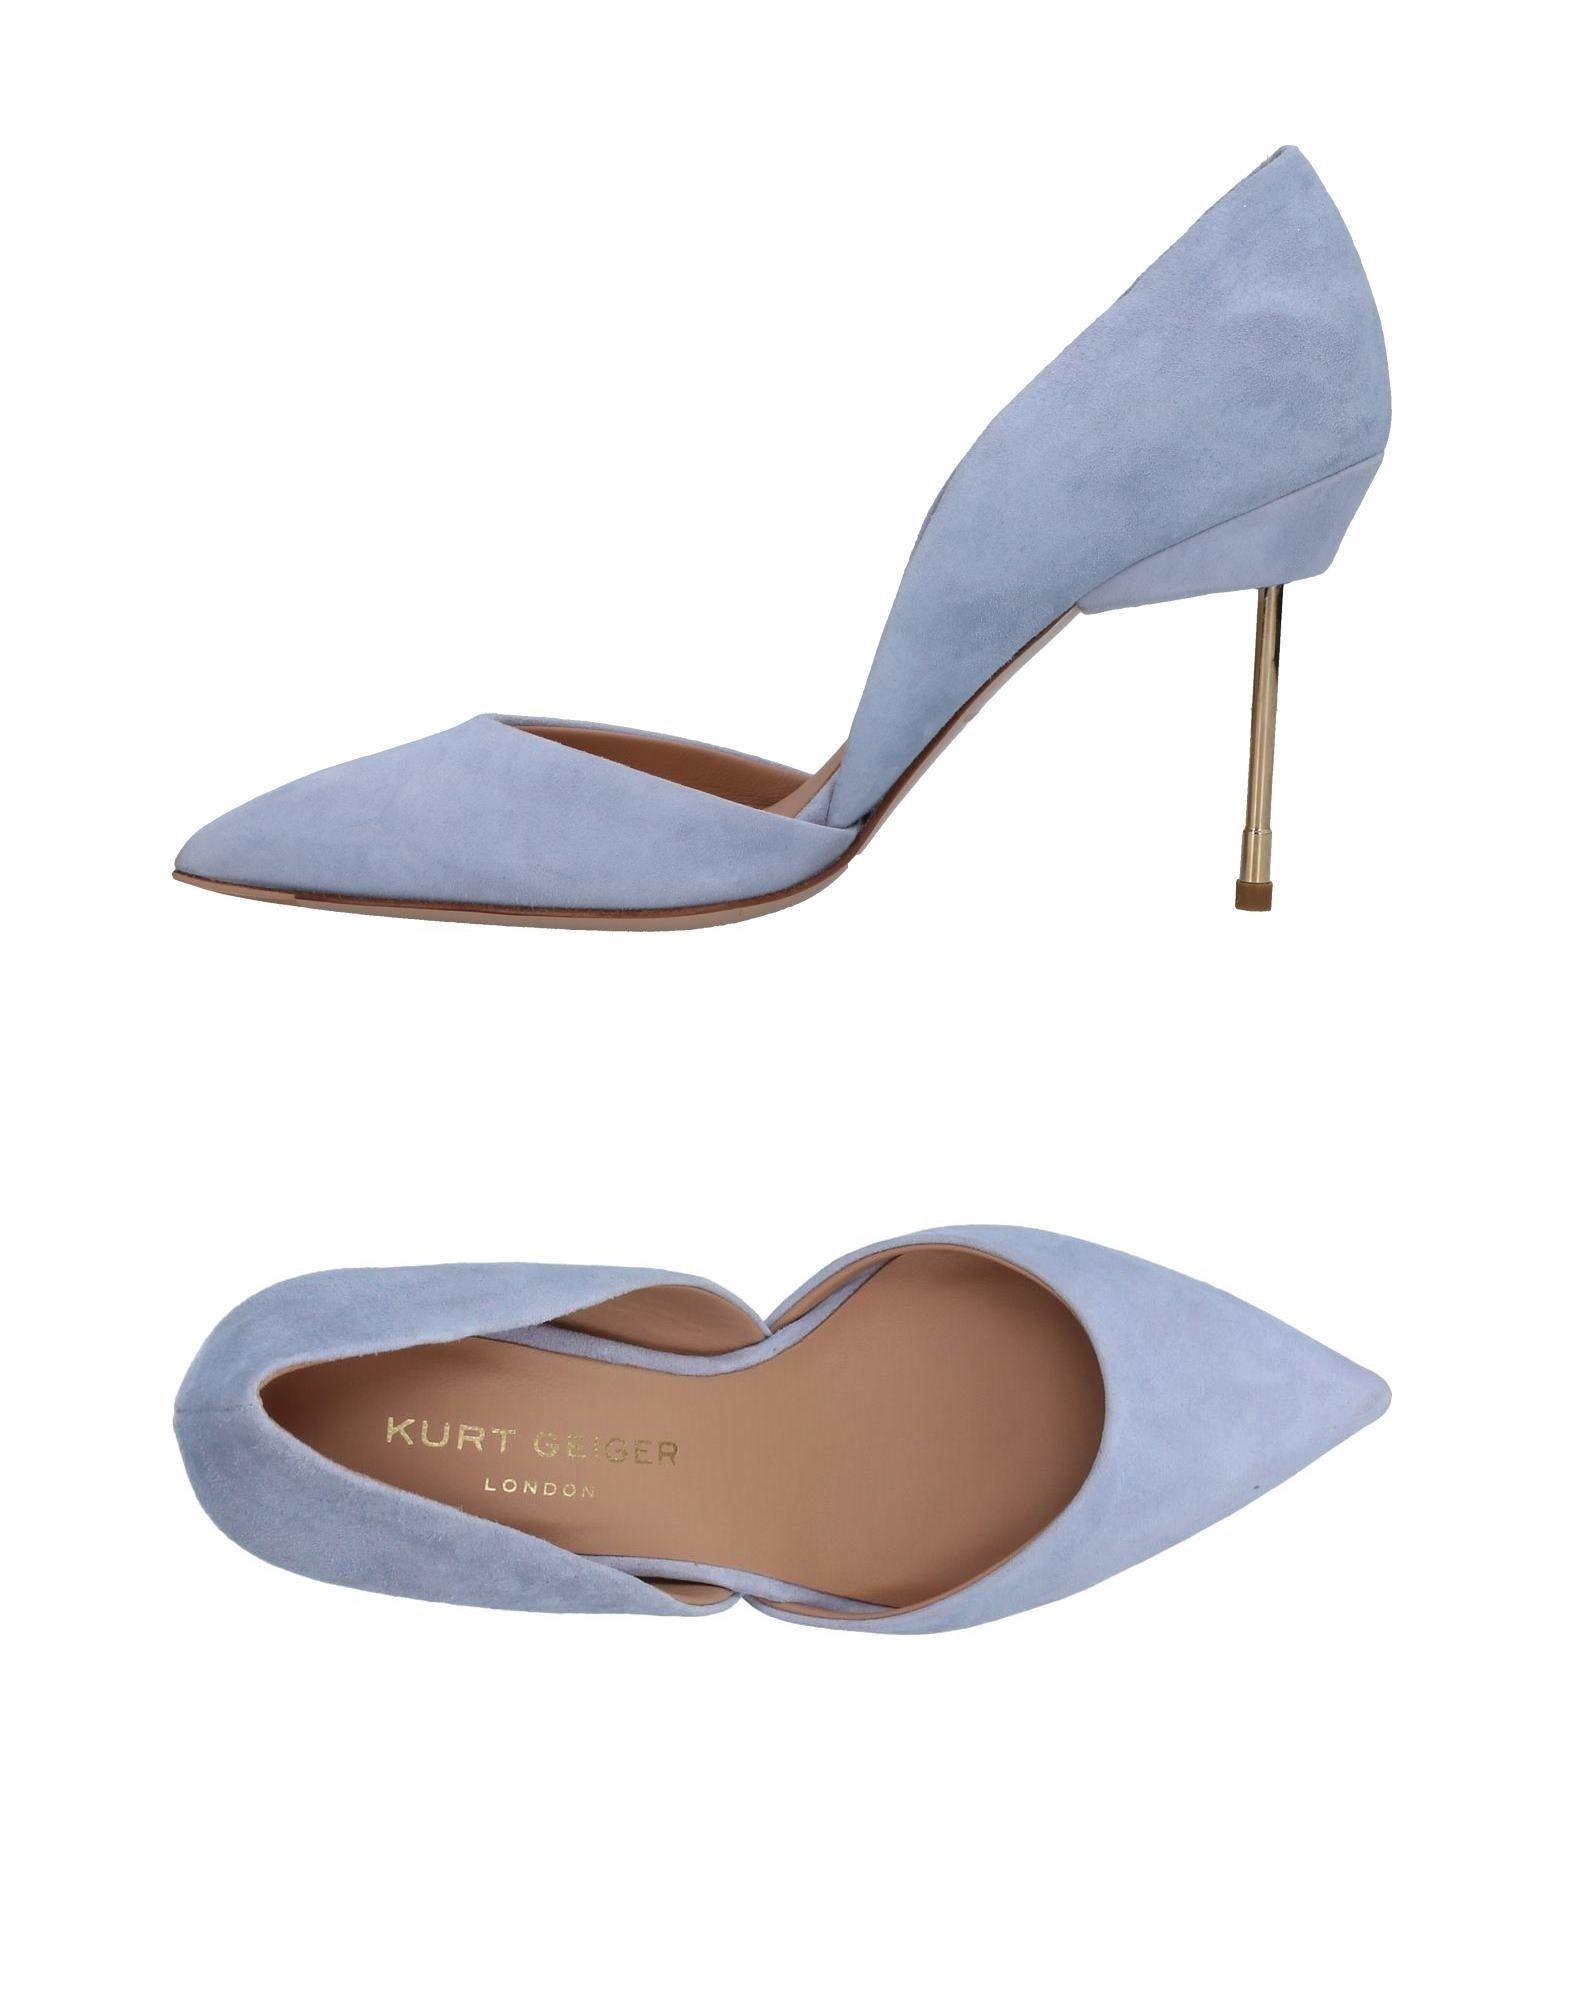 Venta de liquidación de Salones temporada Zapato De Salón Kurt Geiger Mujer - Salones de Kurt Geiger  Lila c76e89